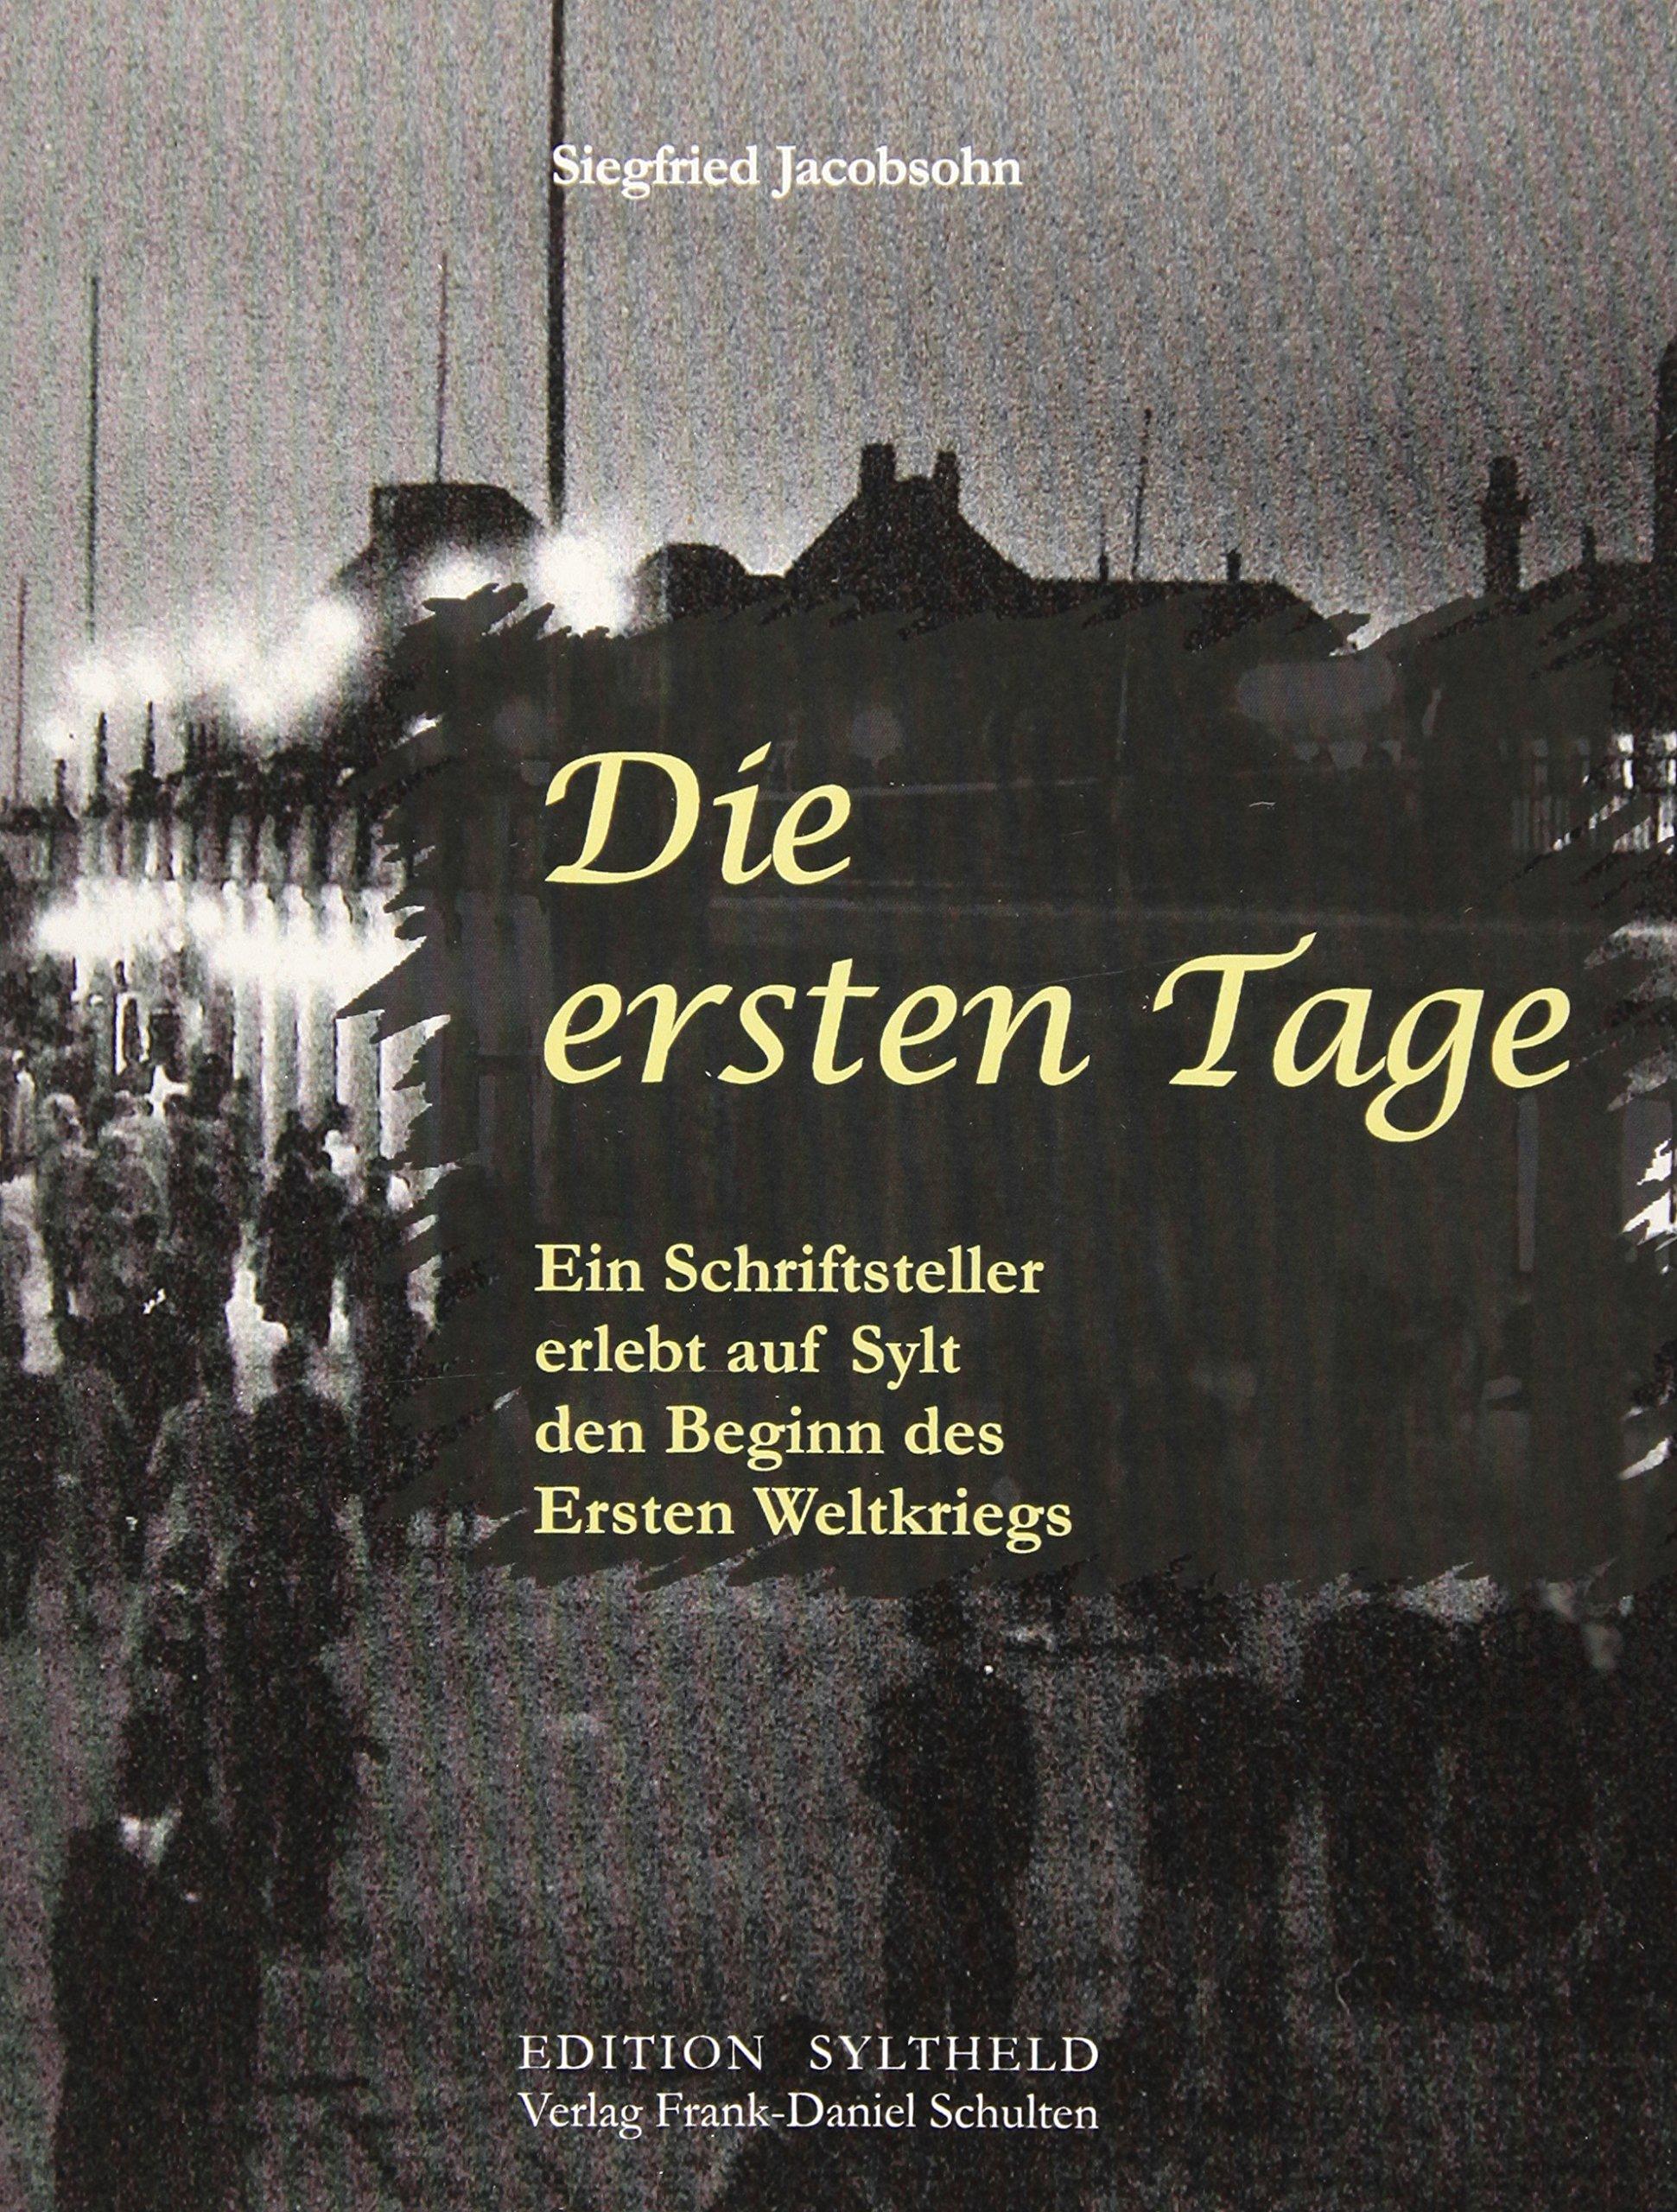 Die ersten Tage: Ein Schriftsteller erlebt auf Sylt den Beginn des Ersten Weltkriegs (Edition Syltheld)